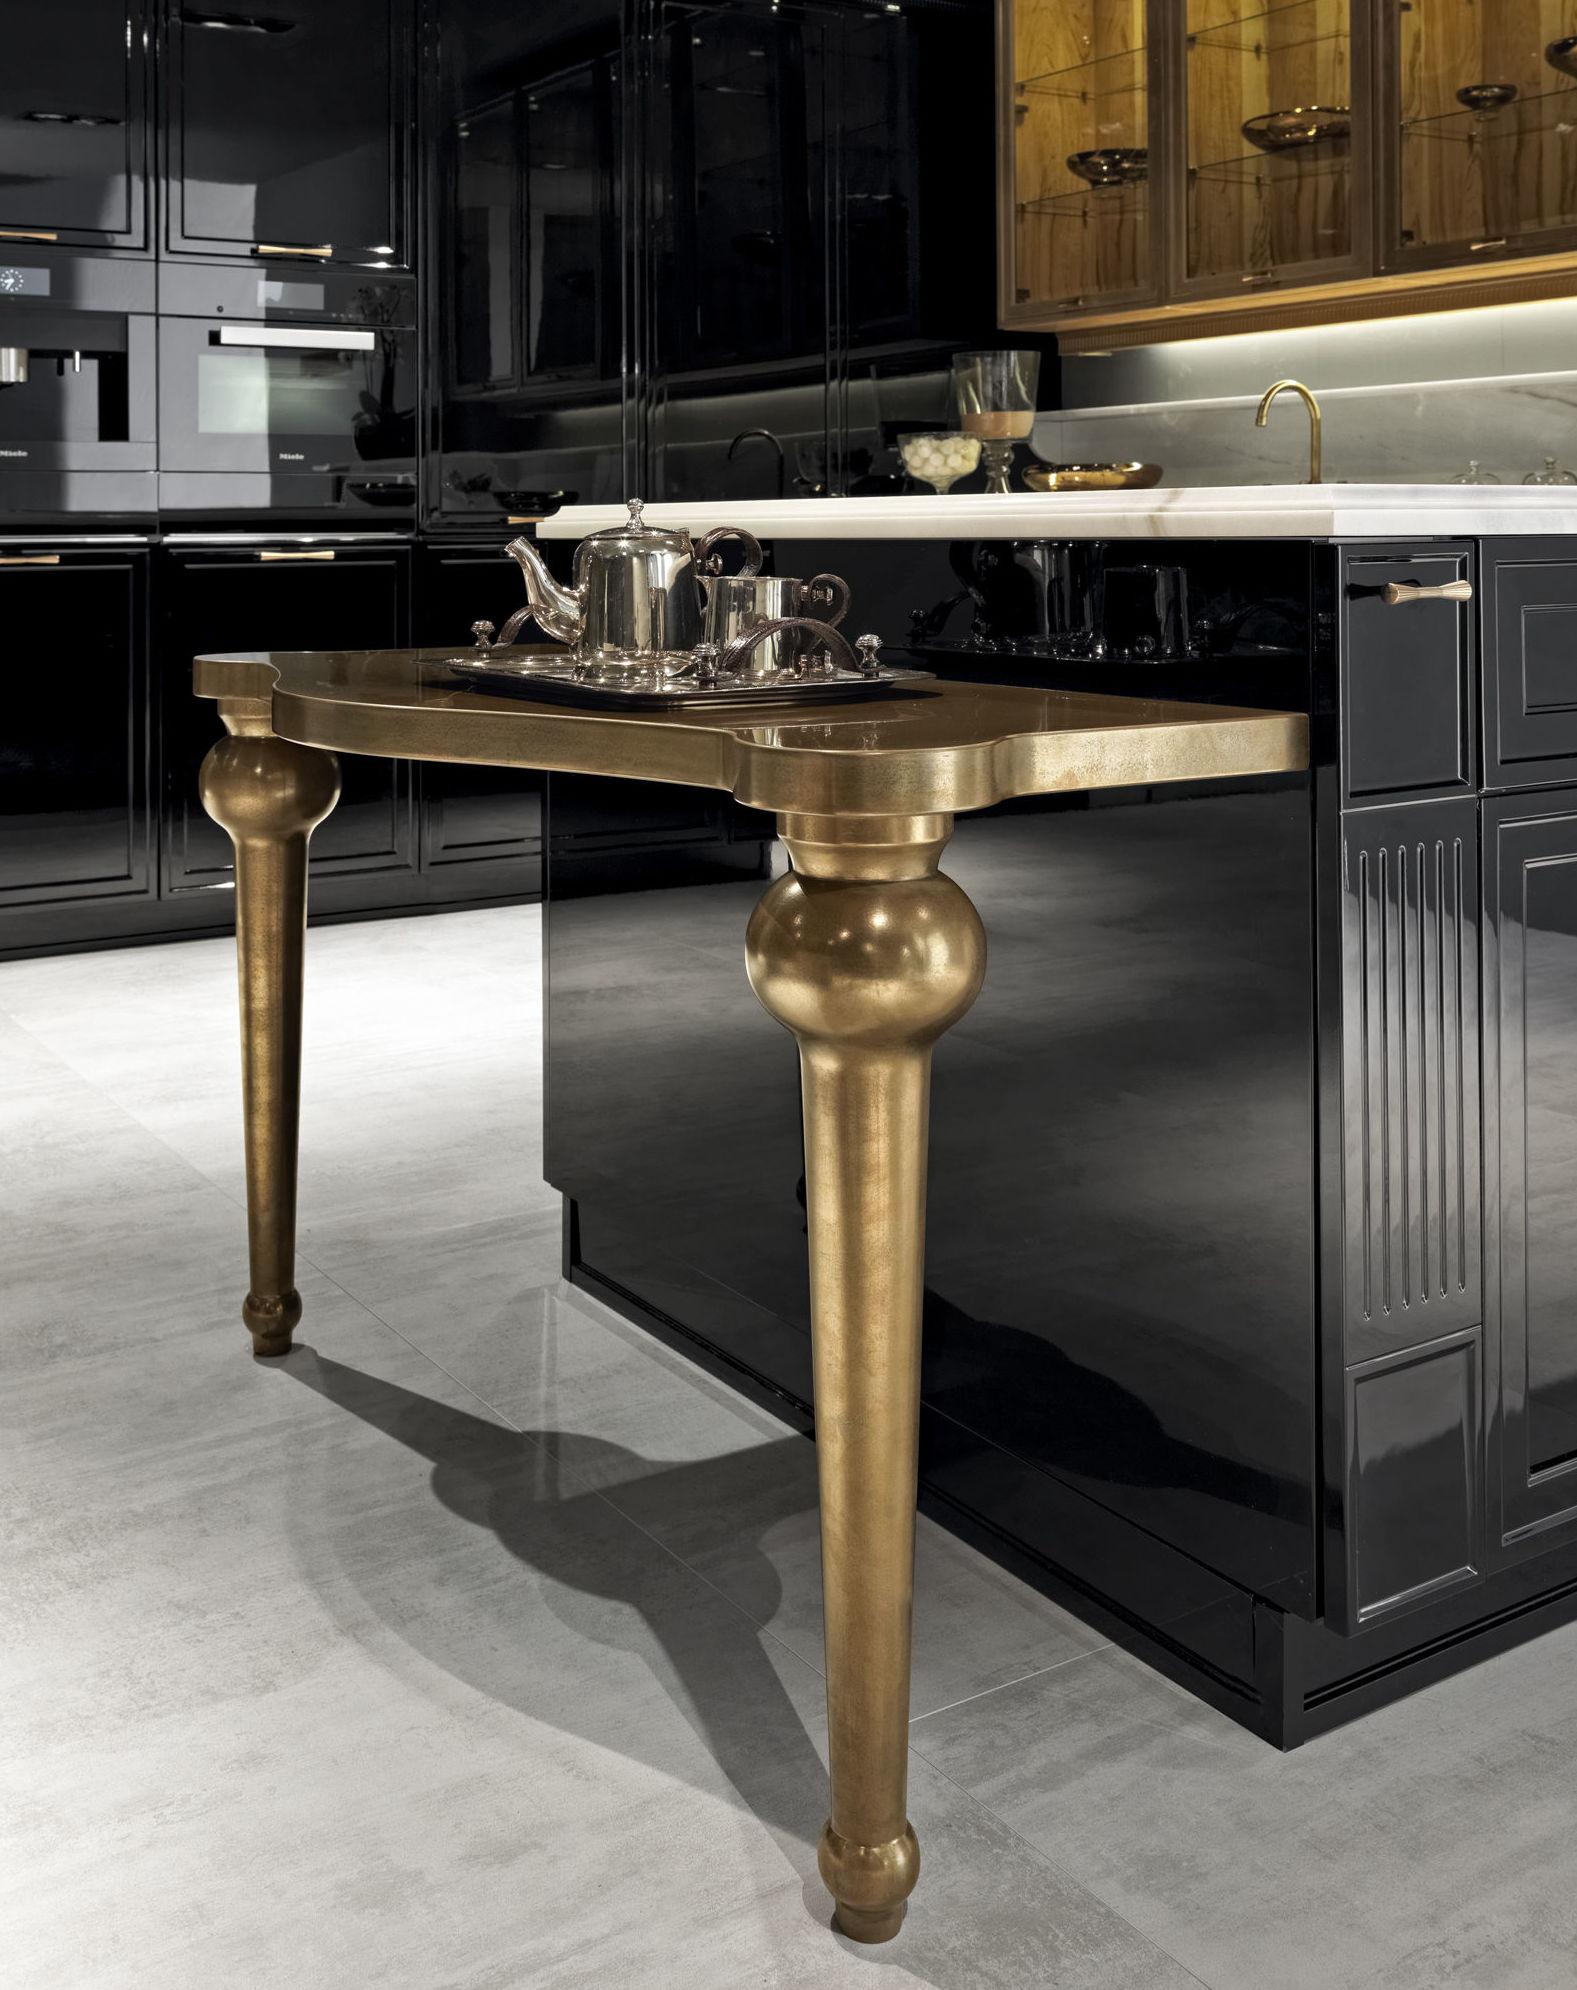 Detalle de un mueble de cocina en color oro